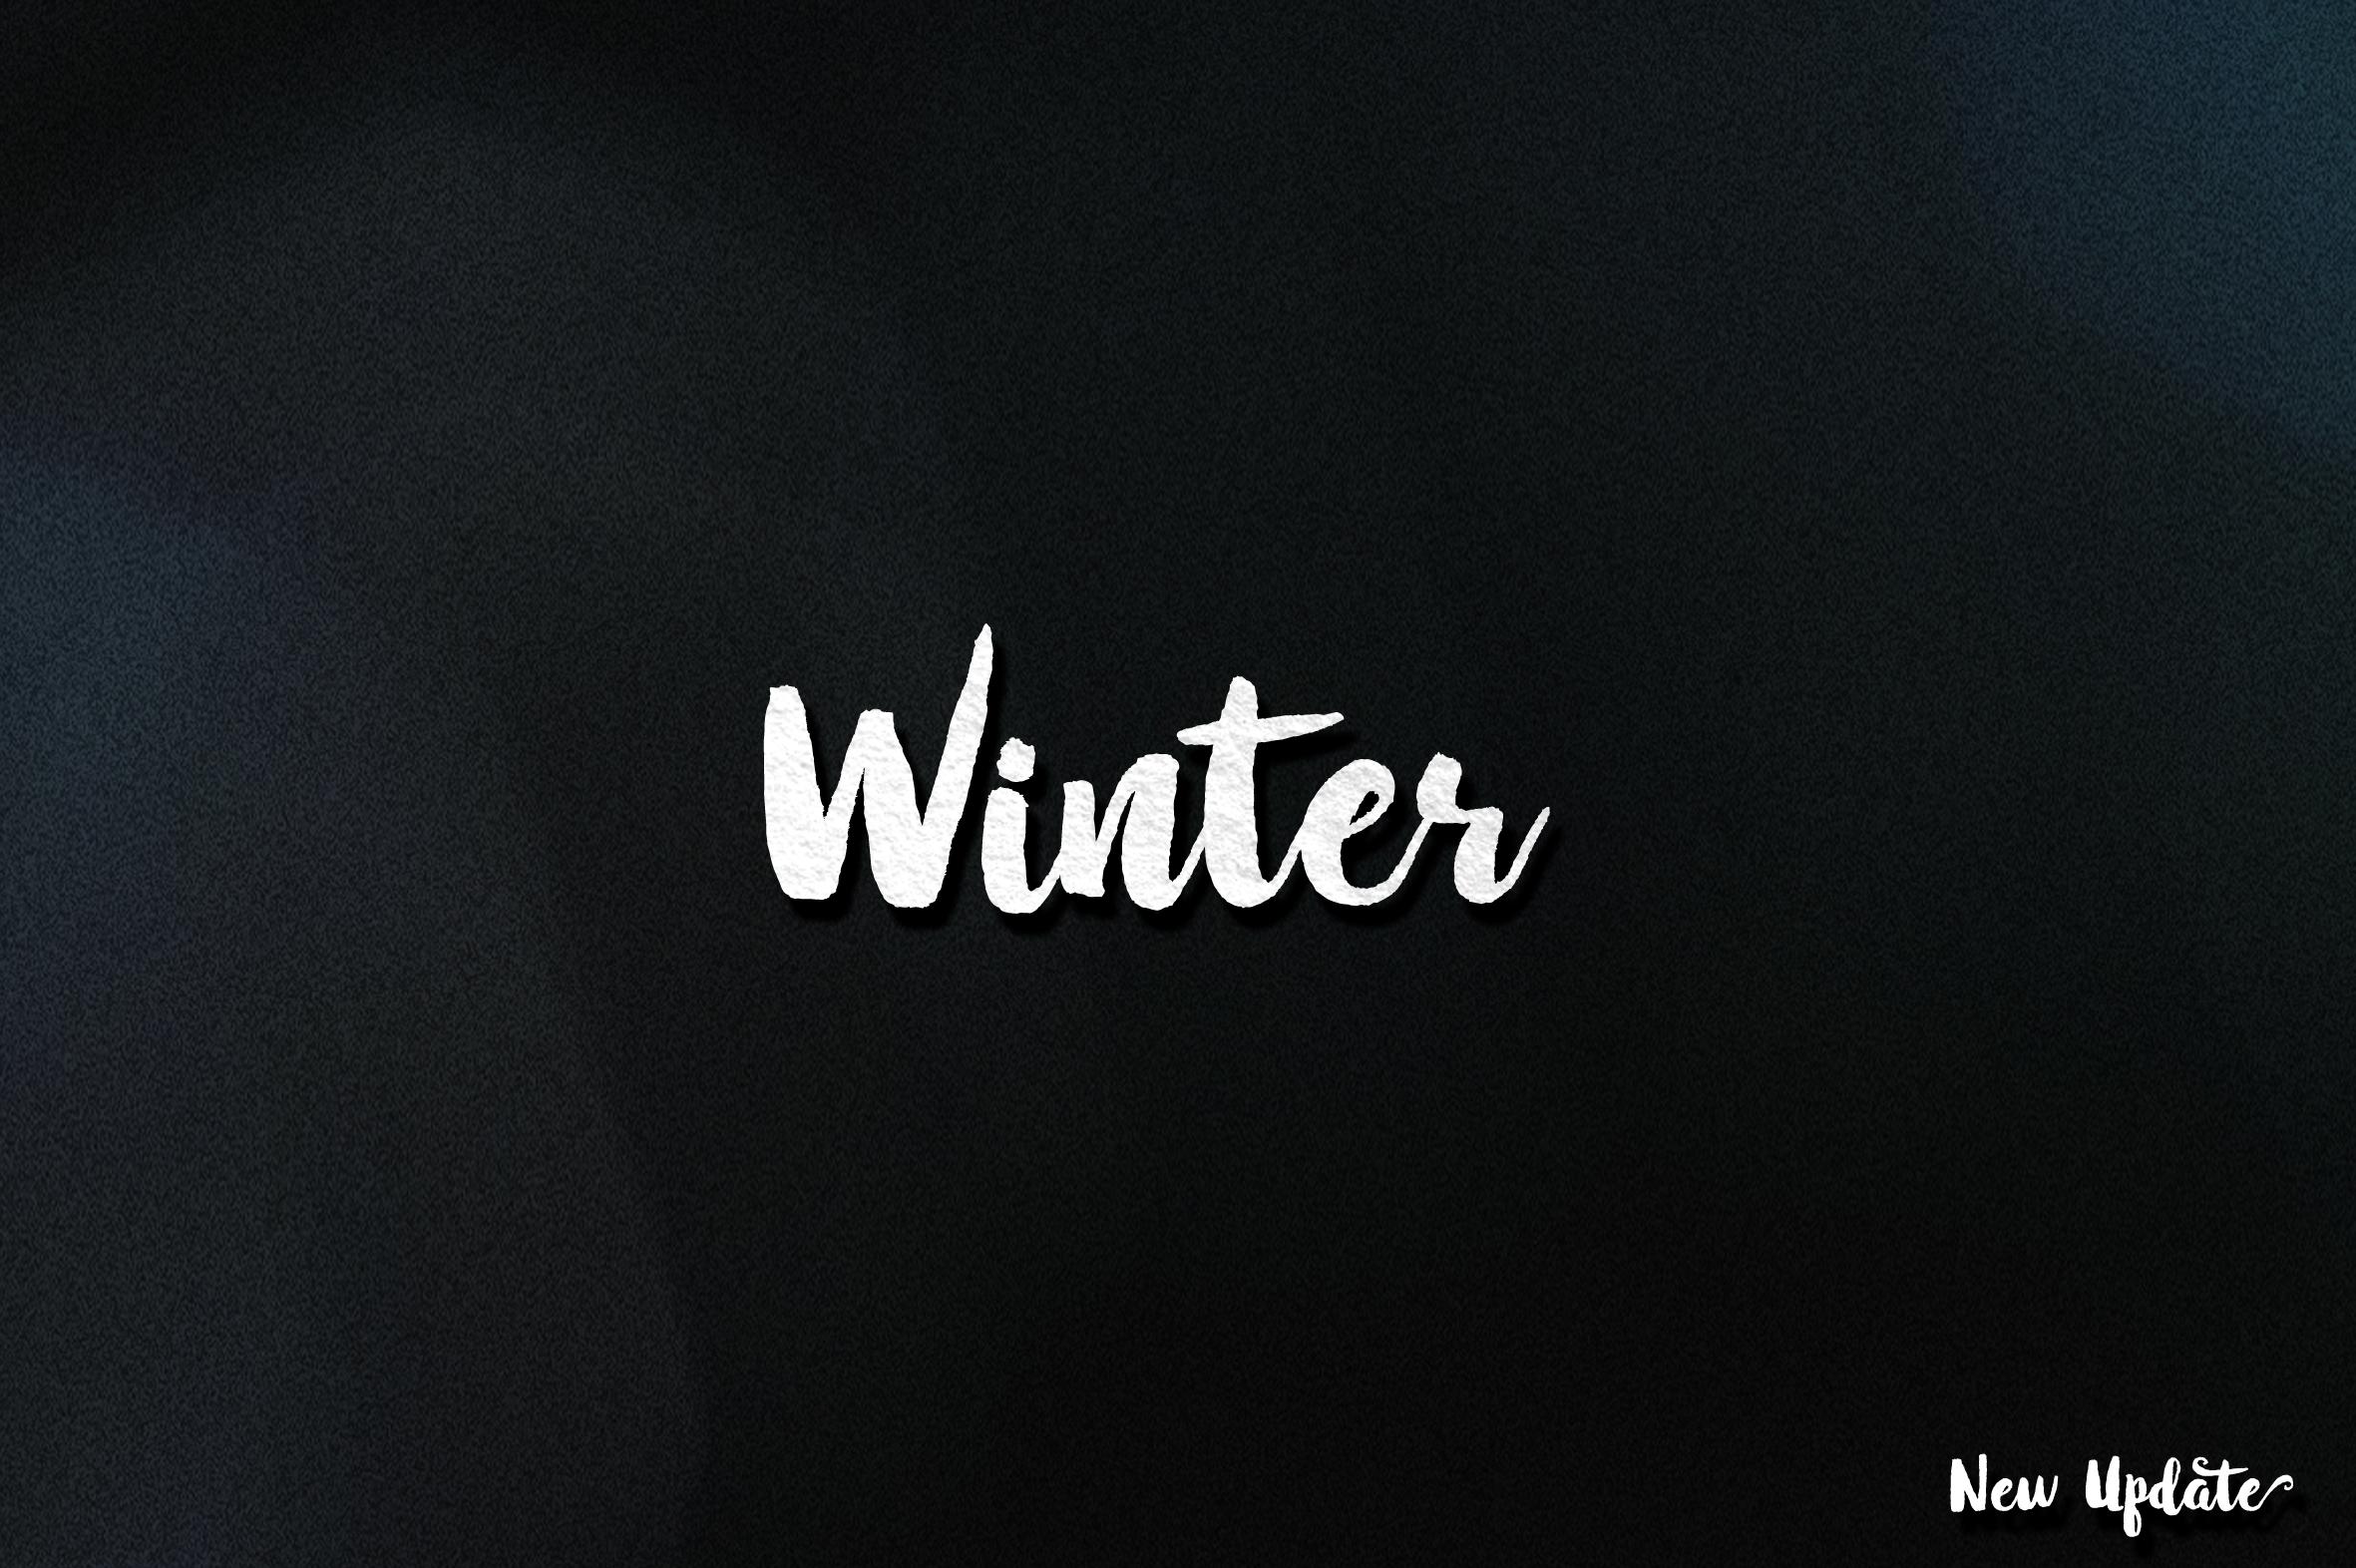 Winter Brush - New Update example image 1